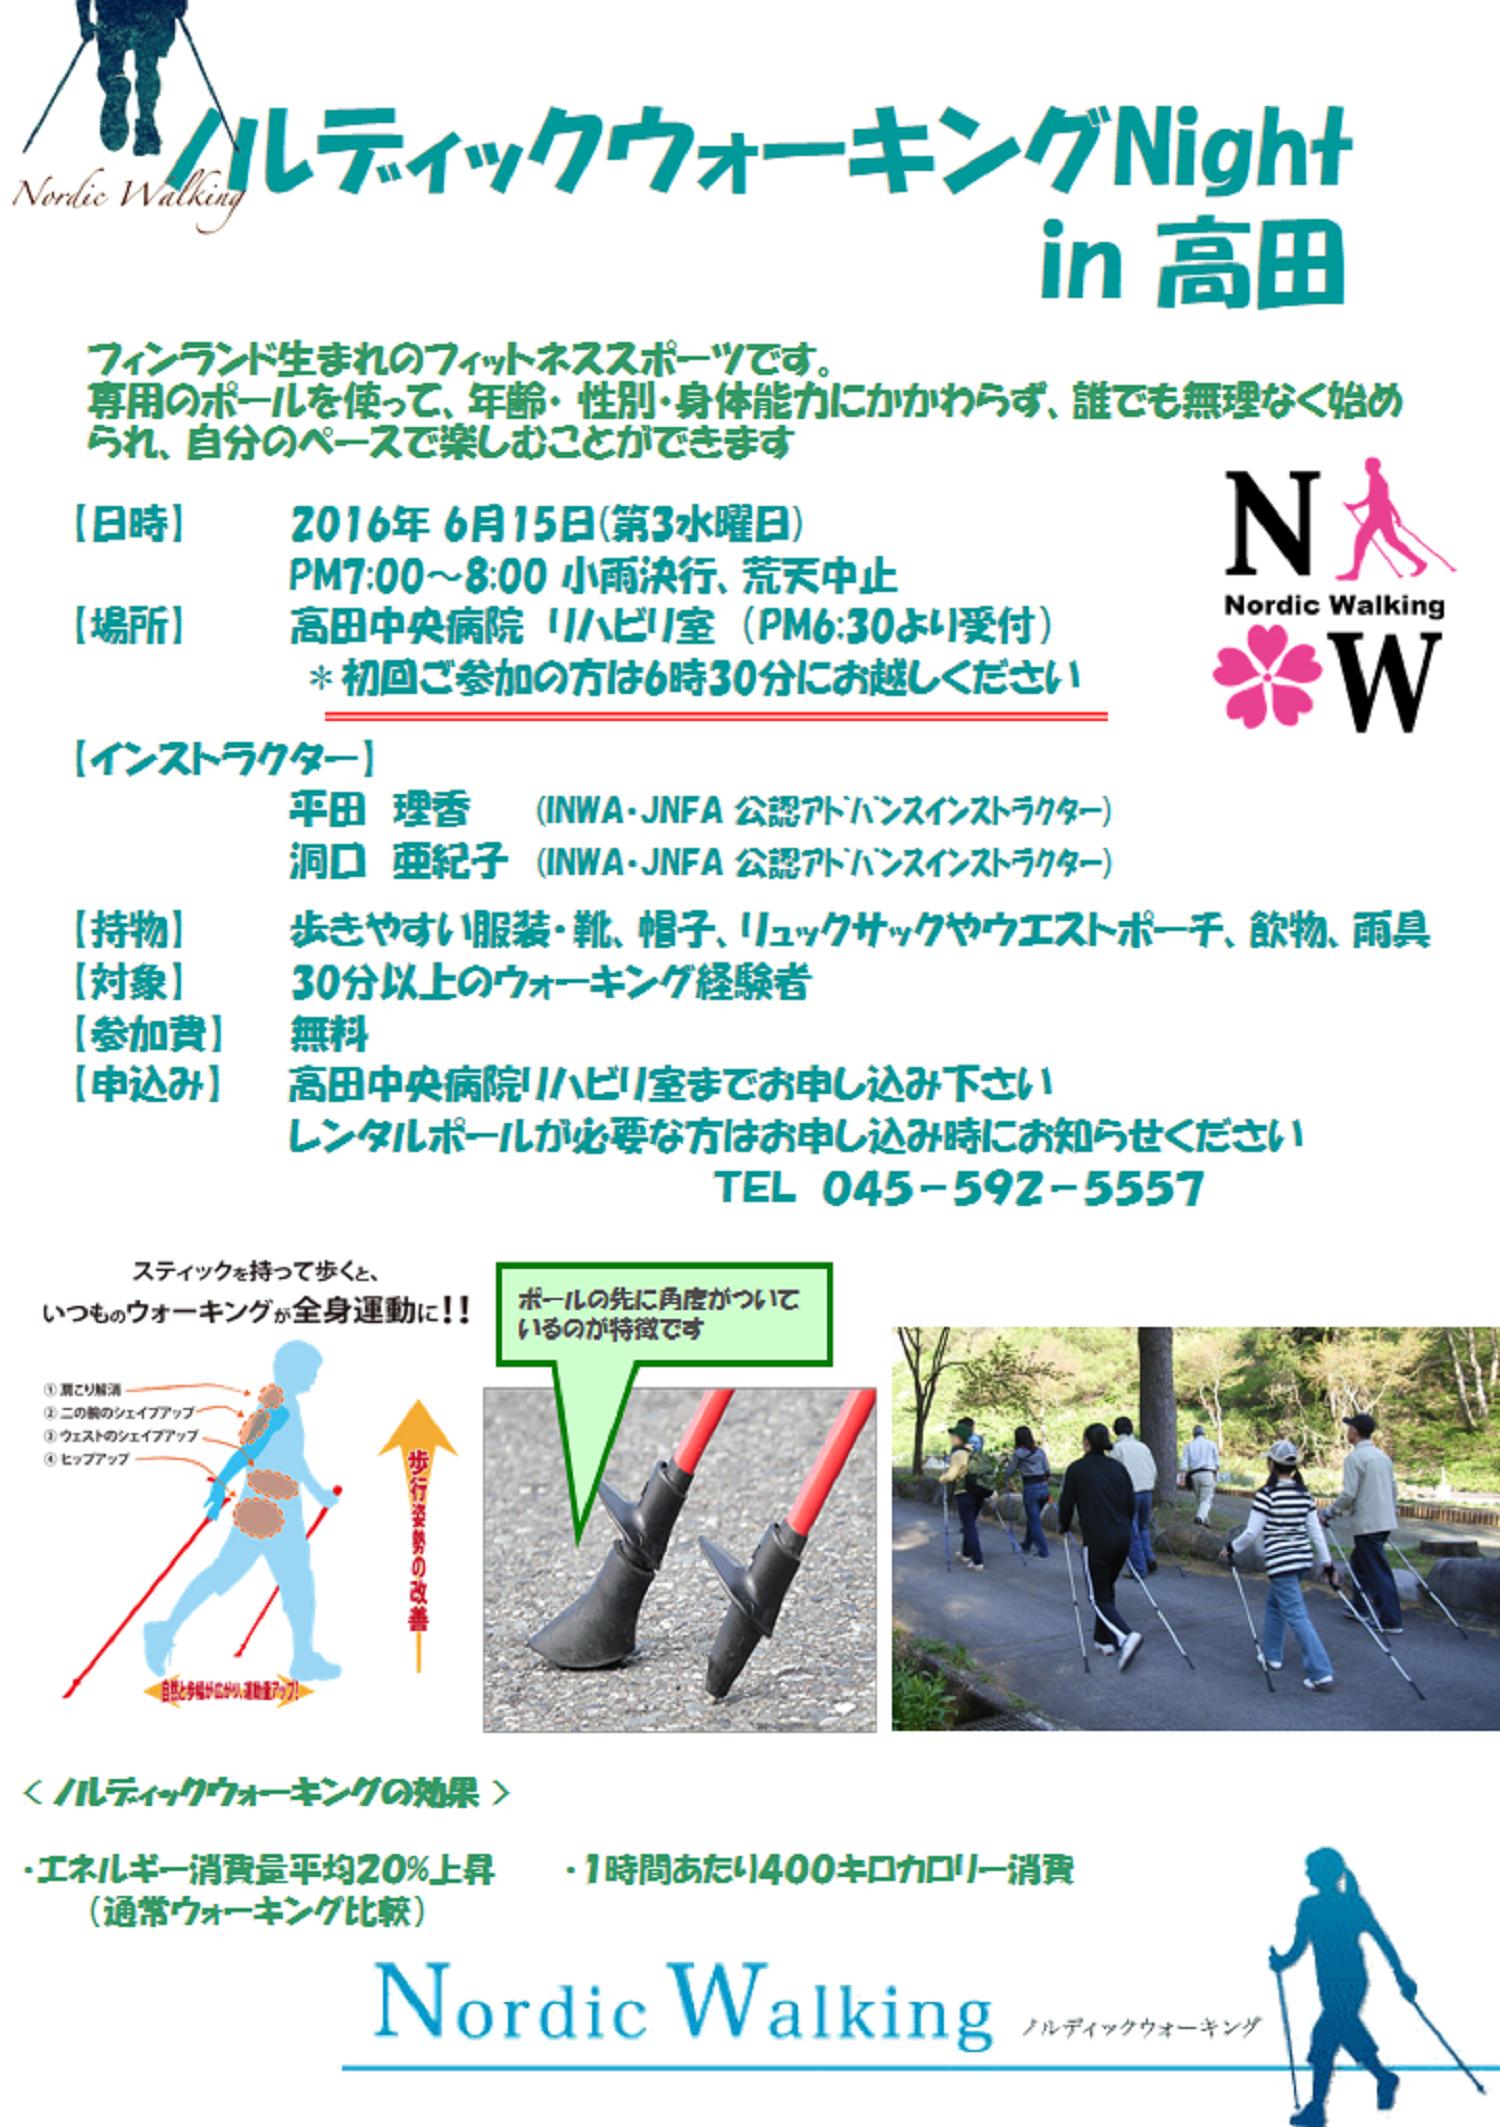 ノルディックウォーキングNight in 高田 6月